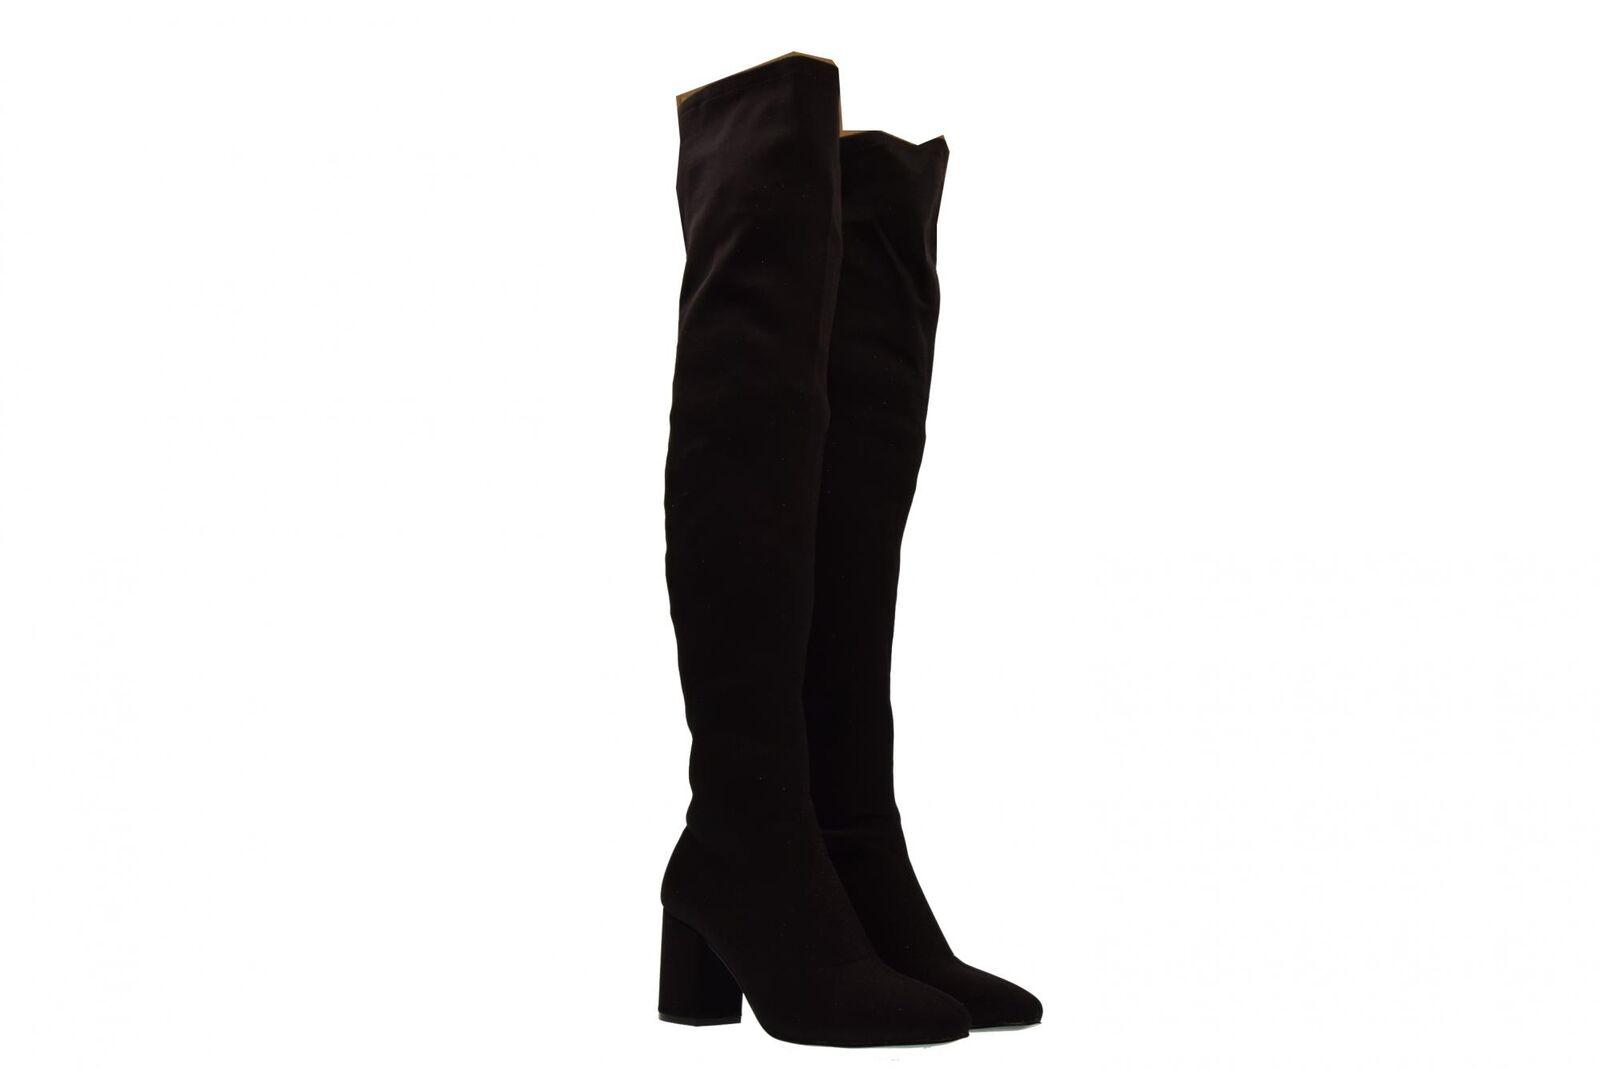 Gioseppo A18s zapatos de mujer alto hasta la rodilla hasta la rodilla 46485 tacó